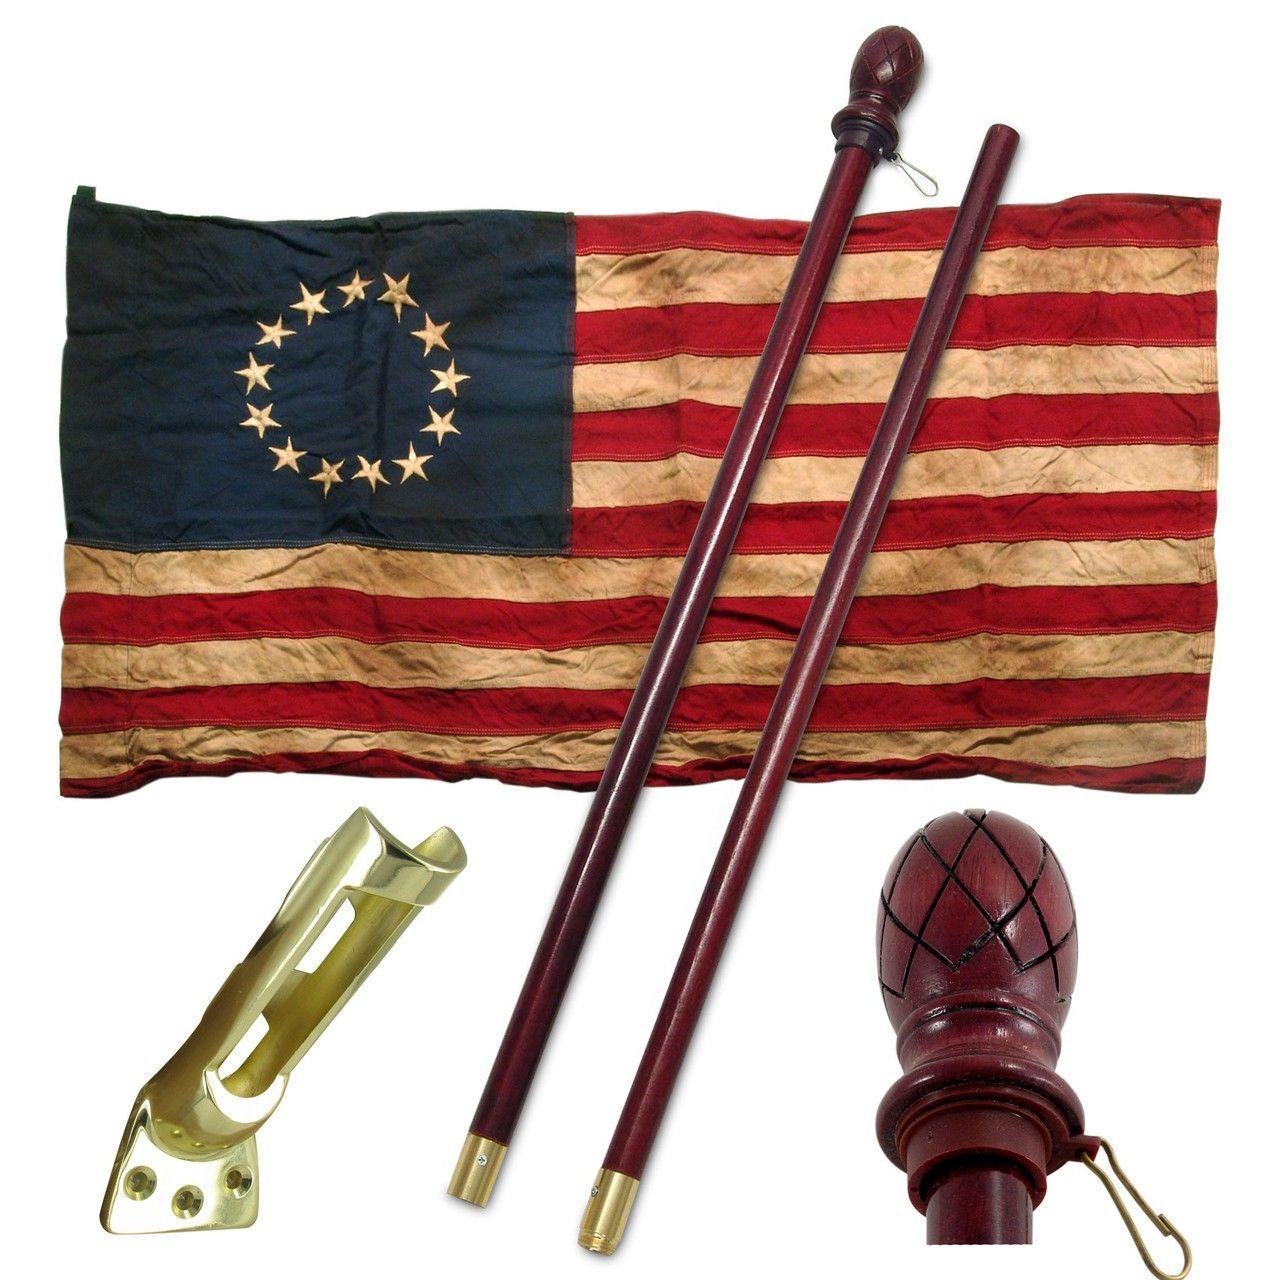 Valley Forge Usa Heritage Series 13 Star Flag Kit Liberty Flag Shop Displaying The American Flag Flag Shop Liberty Flag